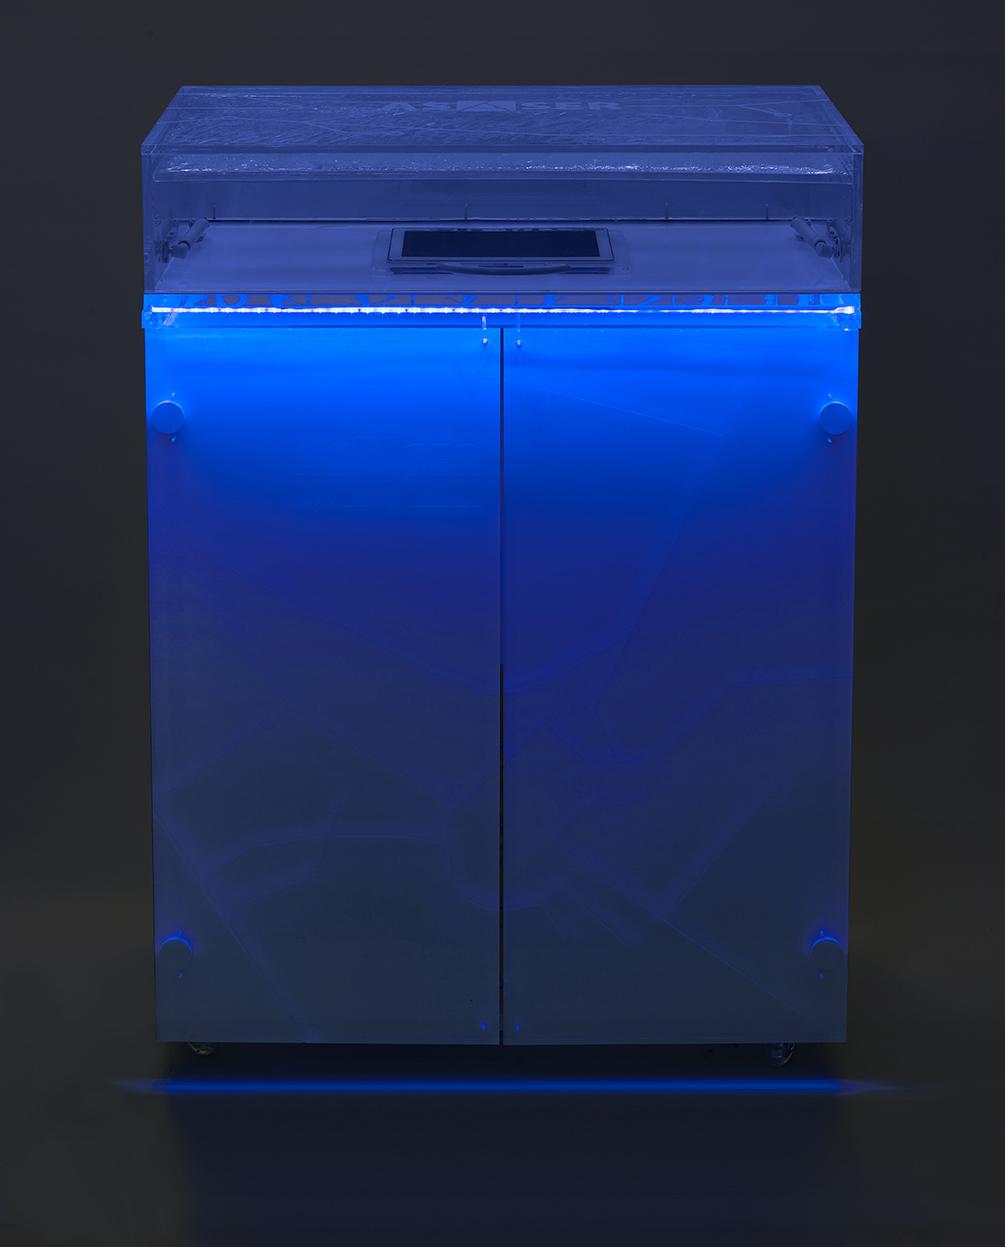 Armario contenedor de documentación Servicio limpieza red de alcantarillado de Bilbao by Sormen Komunikazioa, S.L. - Creative Work - $i